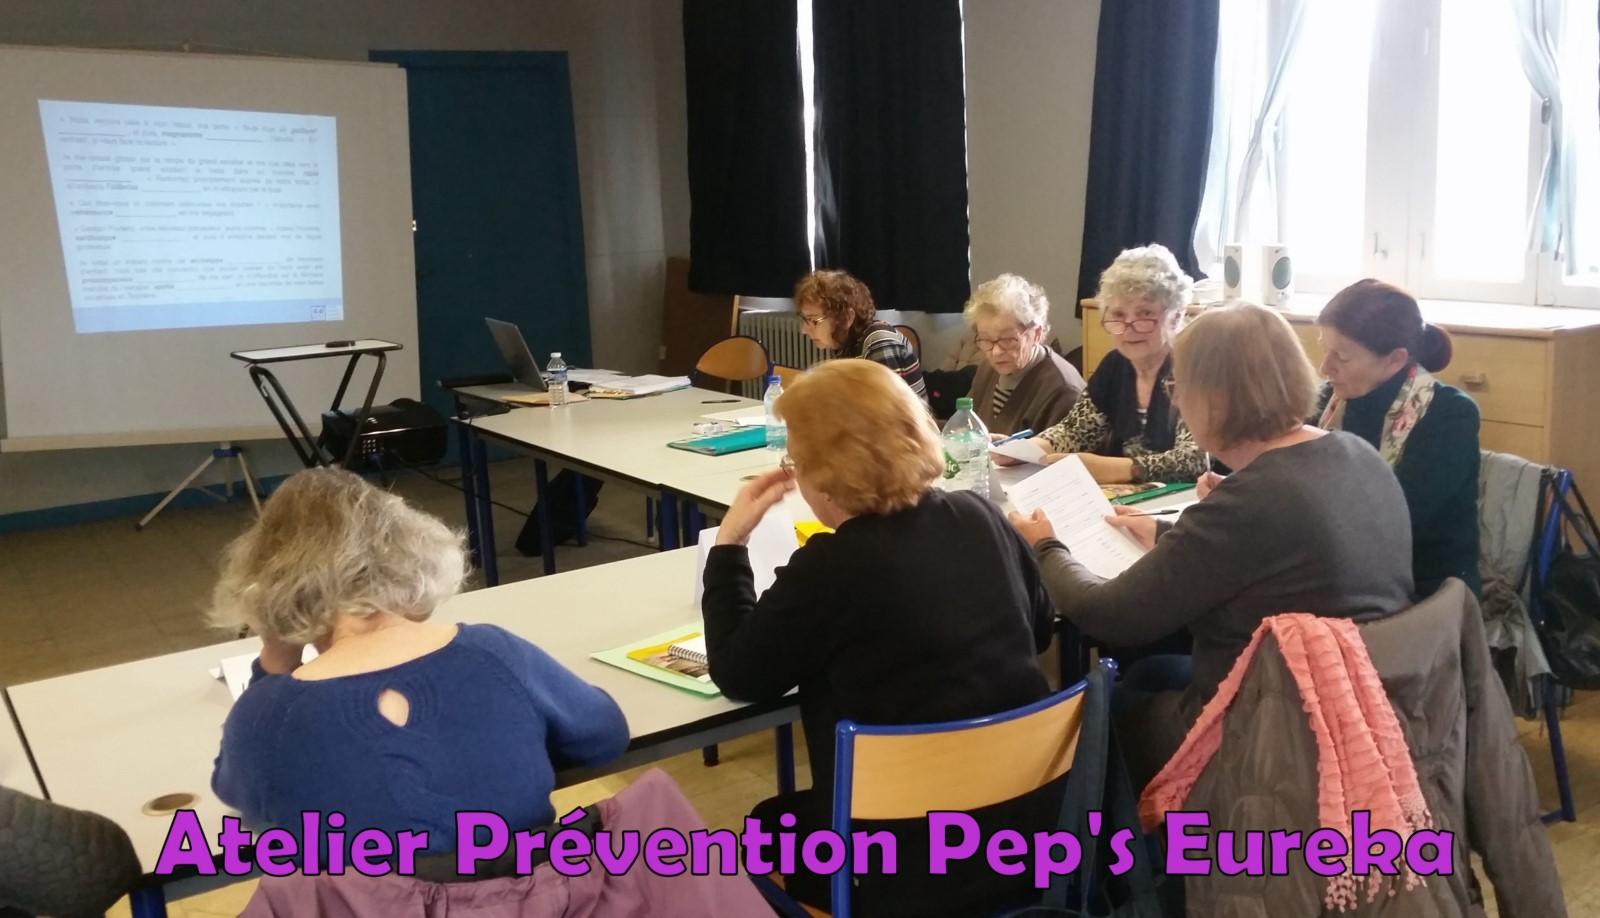 4Atelier Prévention Pep's Eureka